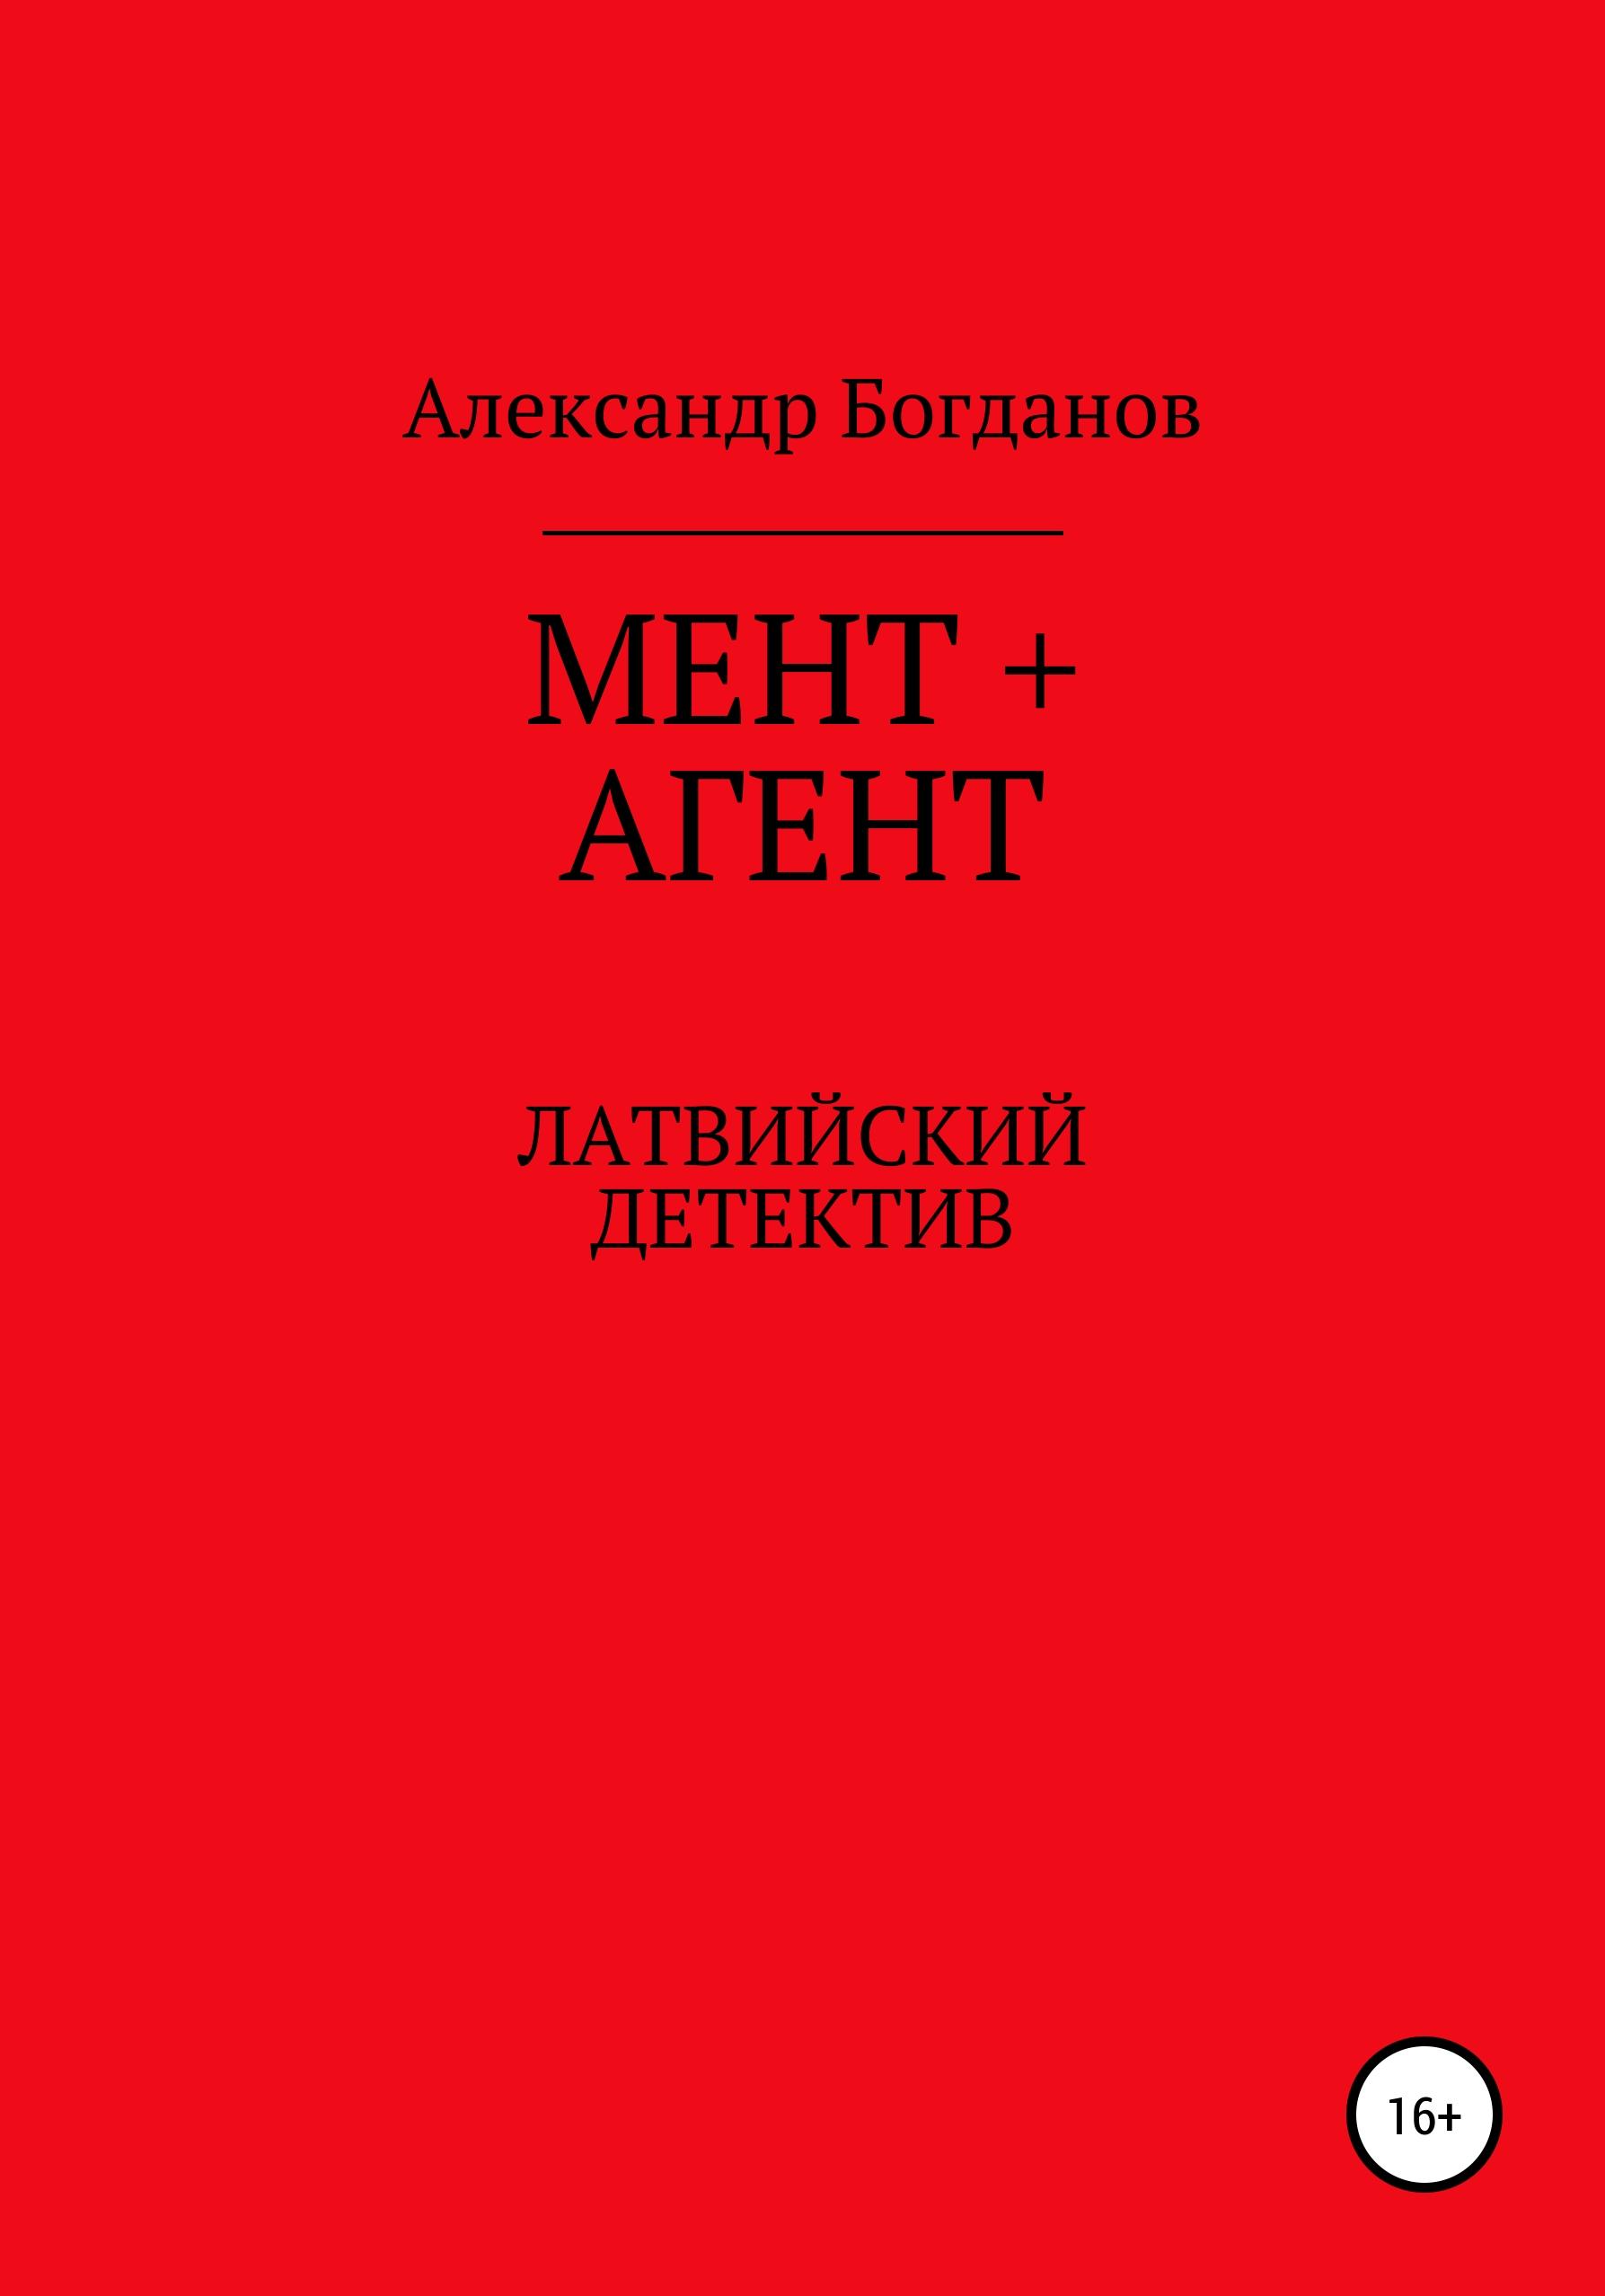 МЕНТ + АГЕНТ